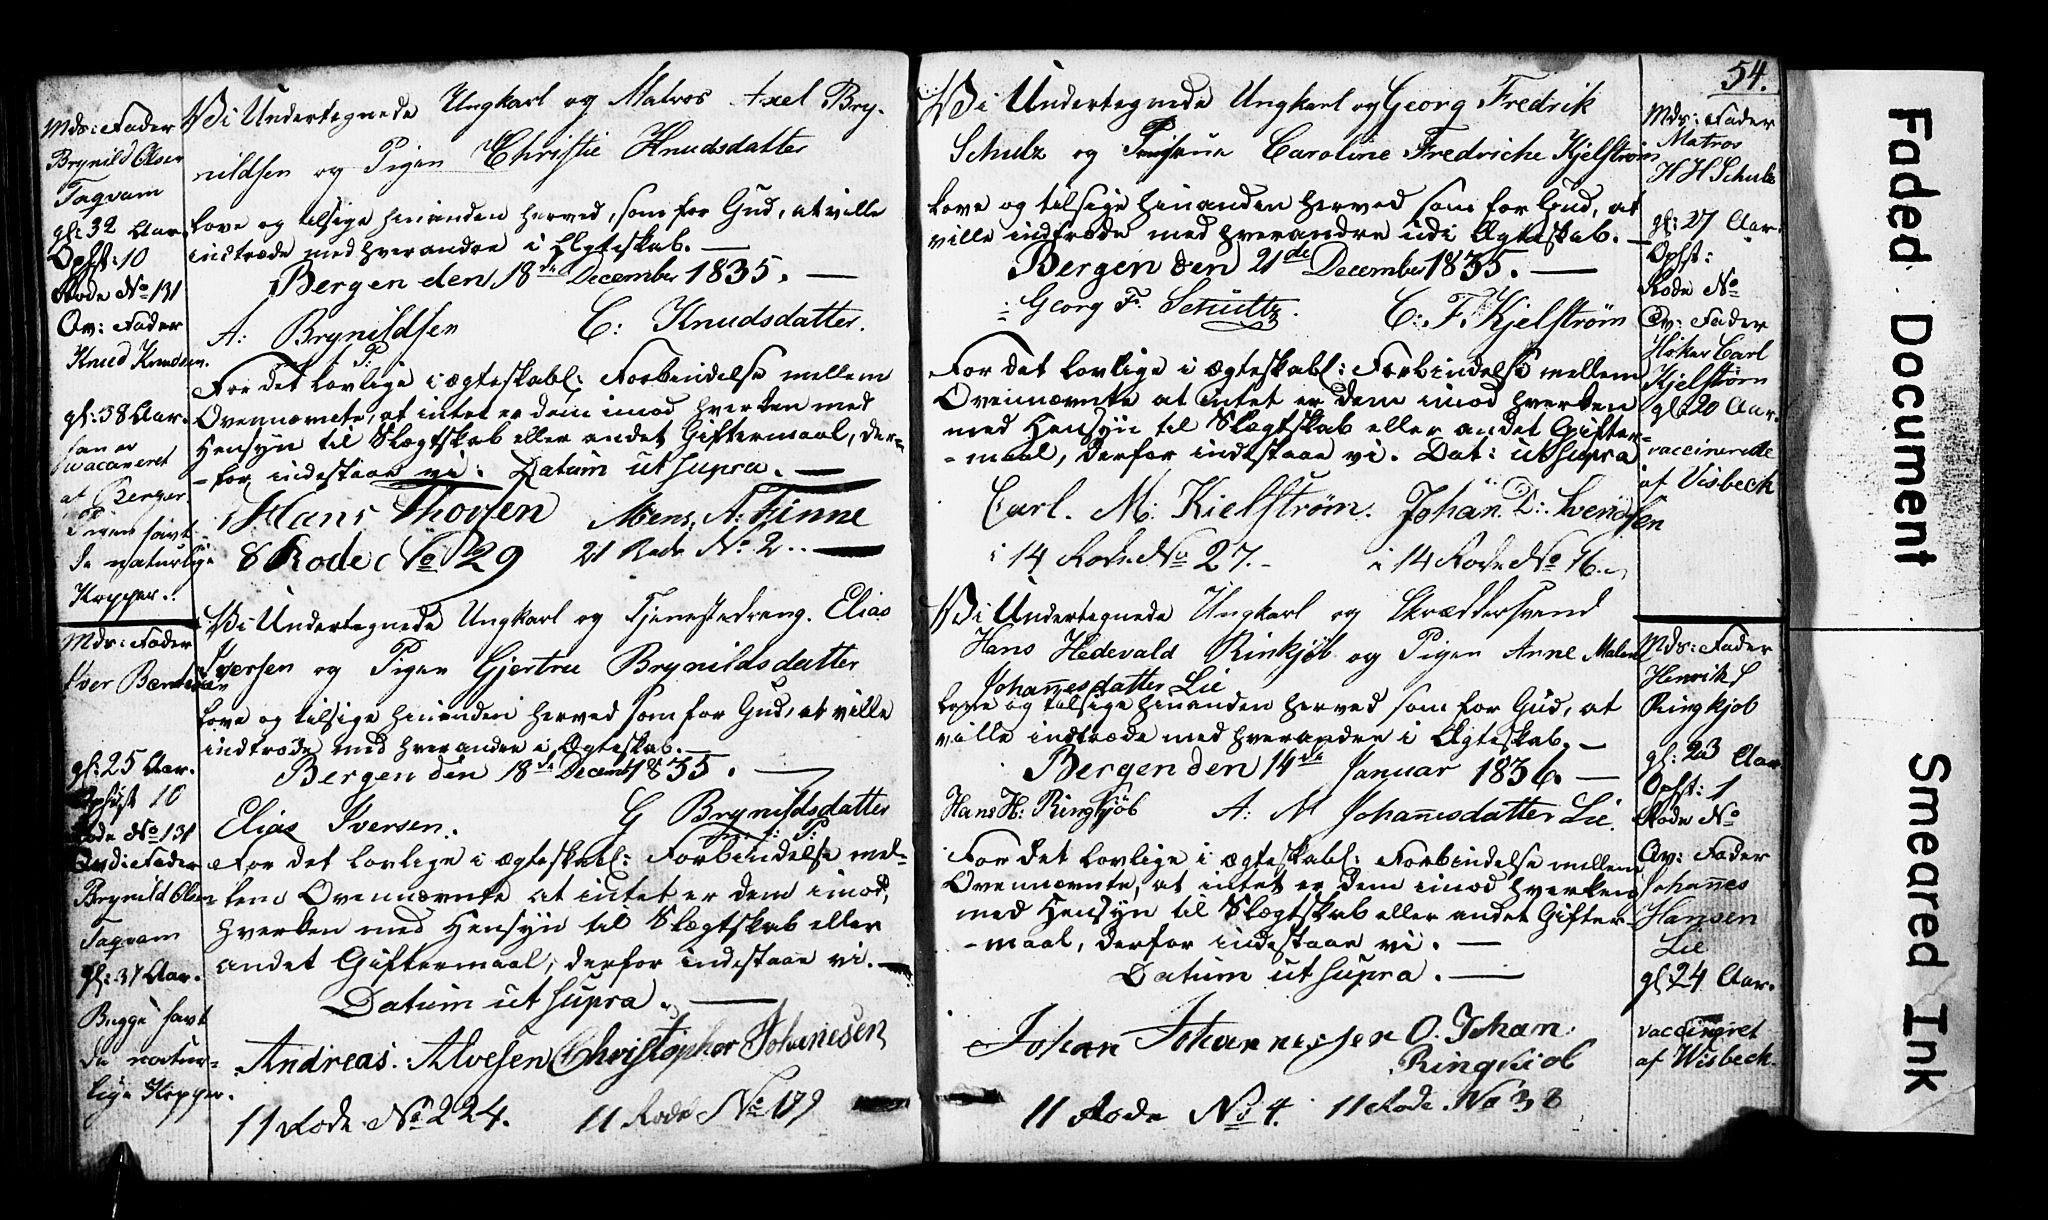 SAB, Domkirken Sokneprestembete, Forlovererklæringer nr. II.5.3, 1832-1845, s. 54